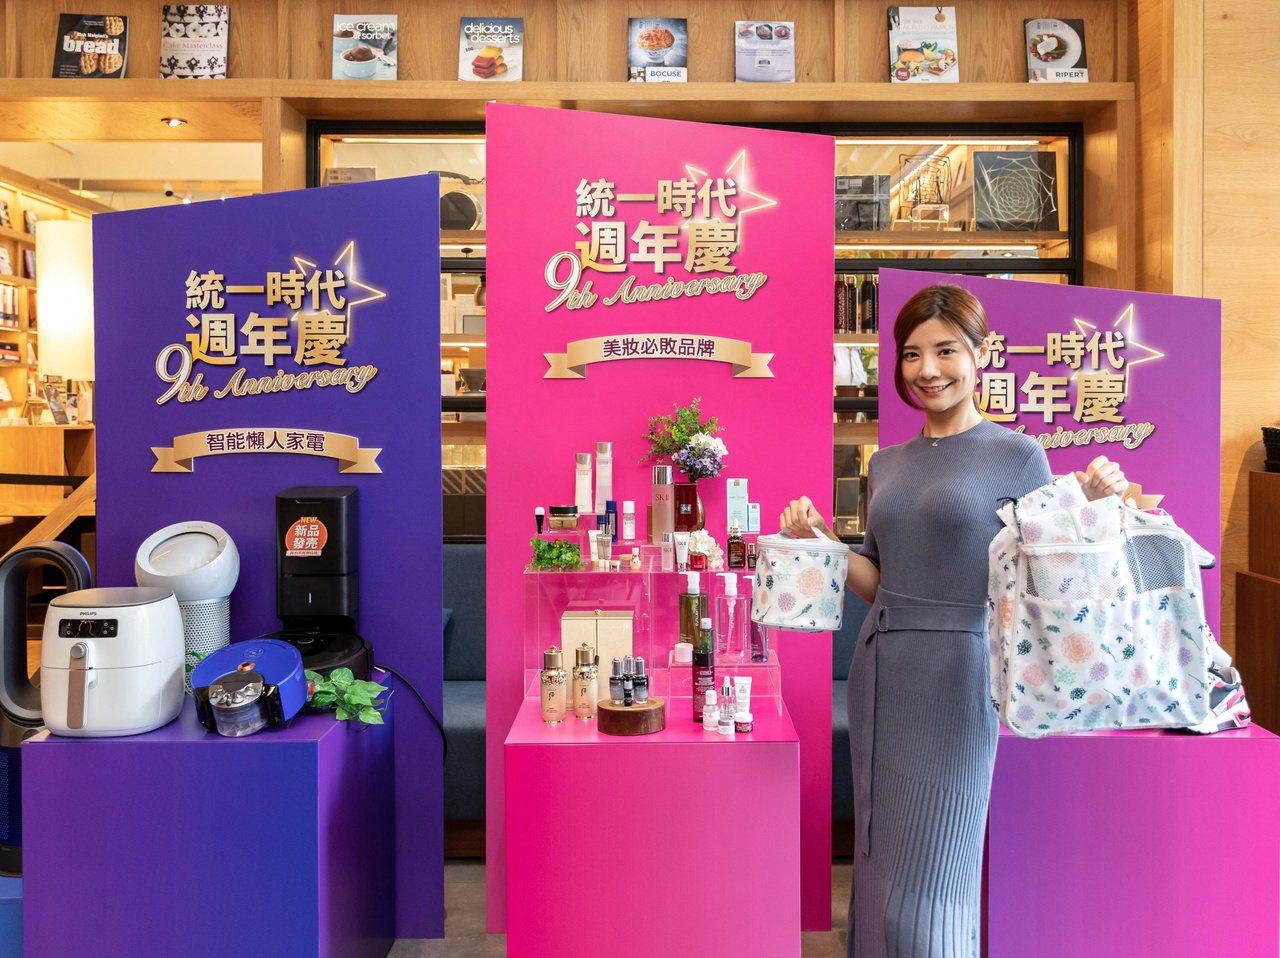 台北統一時代百貨周年慶推出3波段的實用卡友禮,包括旅行收納5件組、保鮮3件組、環...